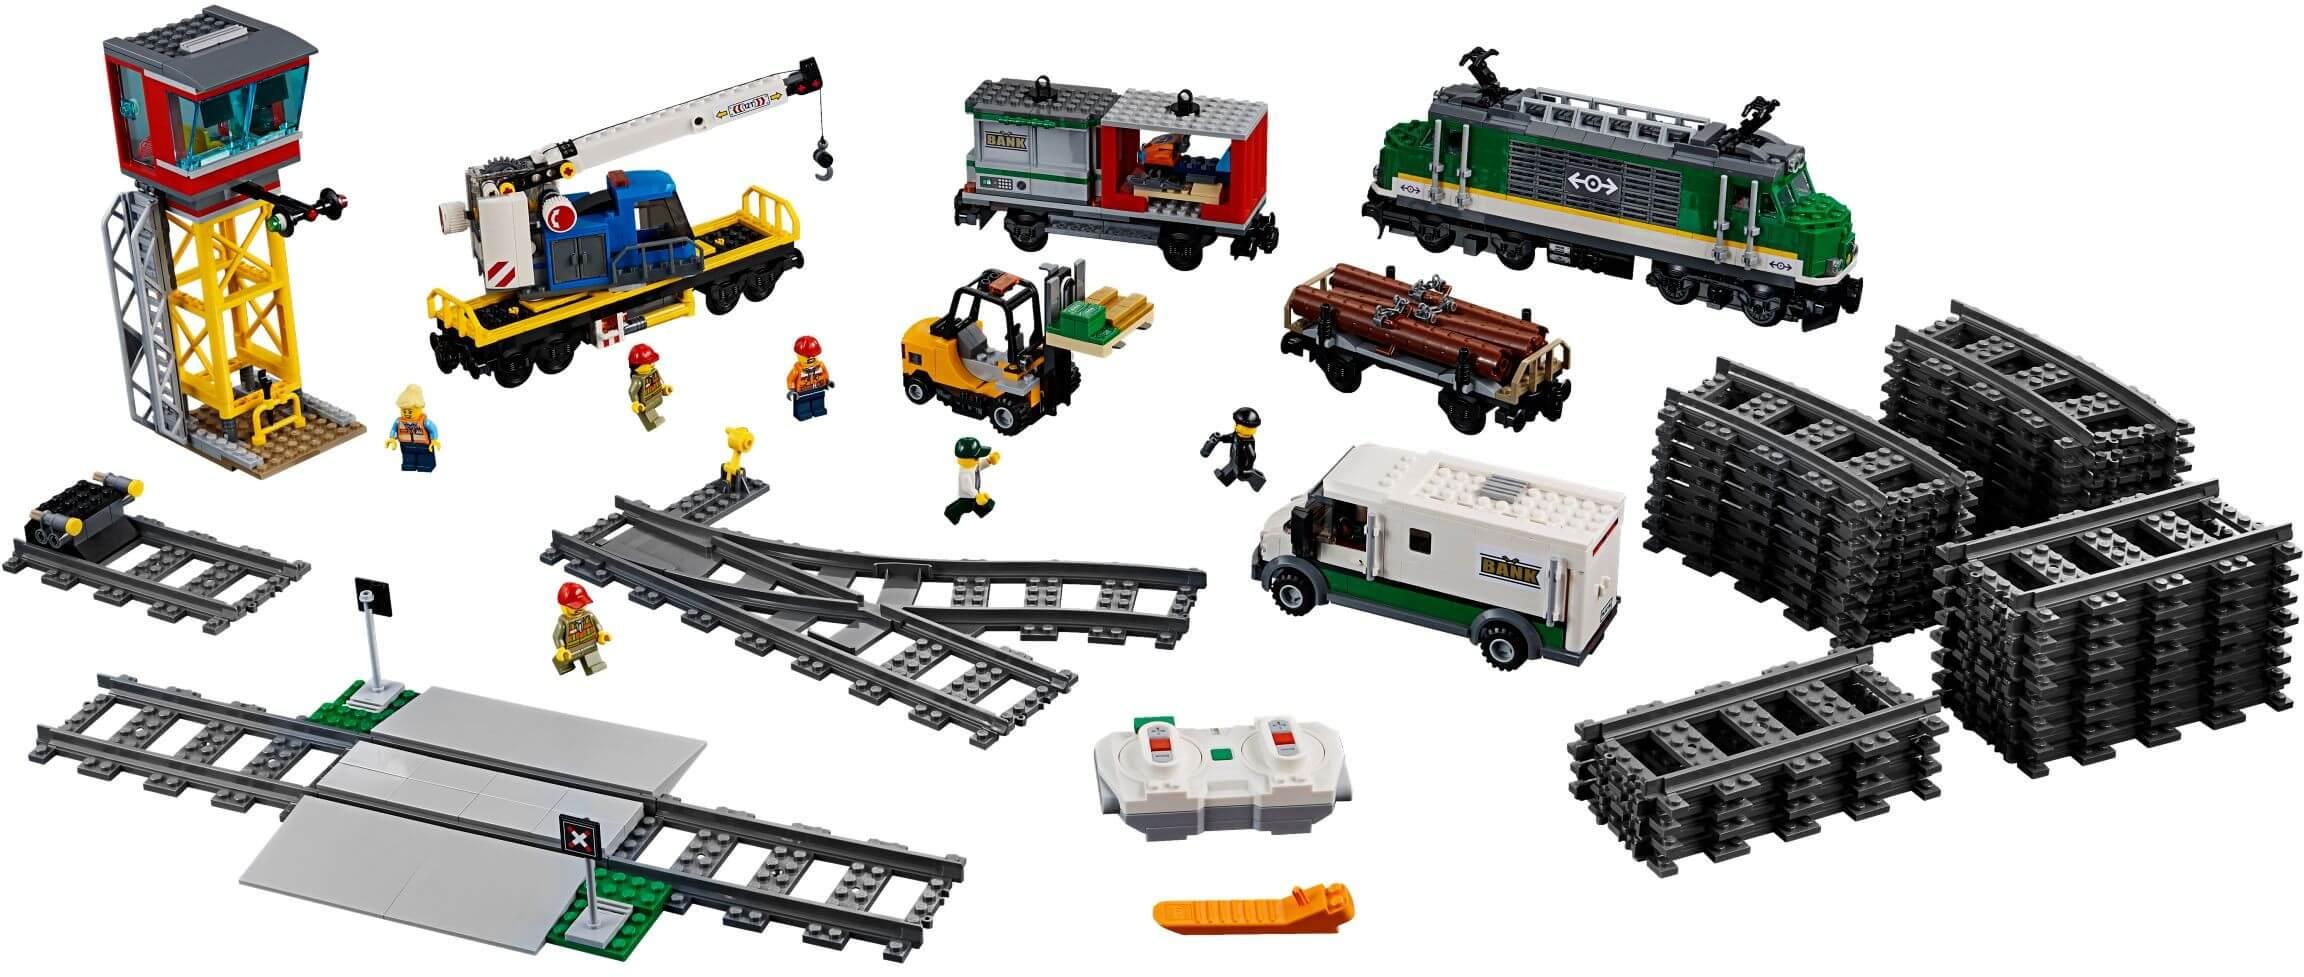 Mua đồ chơi LEGO 60198 - LEGO City 60198 - Xe Lửa chở hàng Điều Khiển Từ Xa (LEGO 60198 Cargo Train)